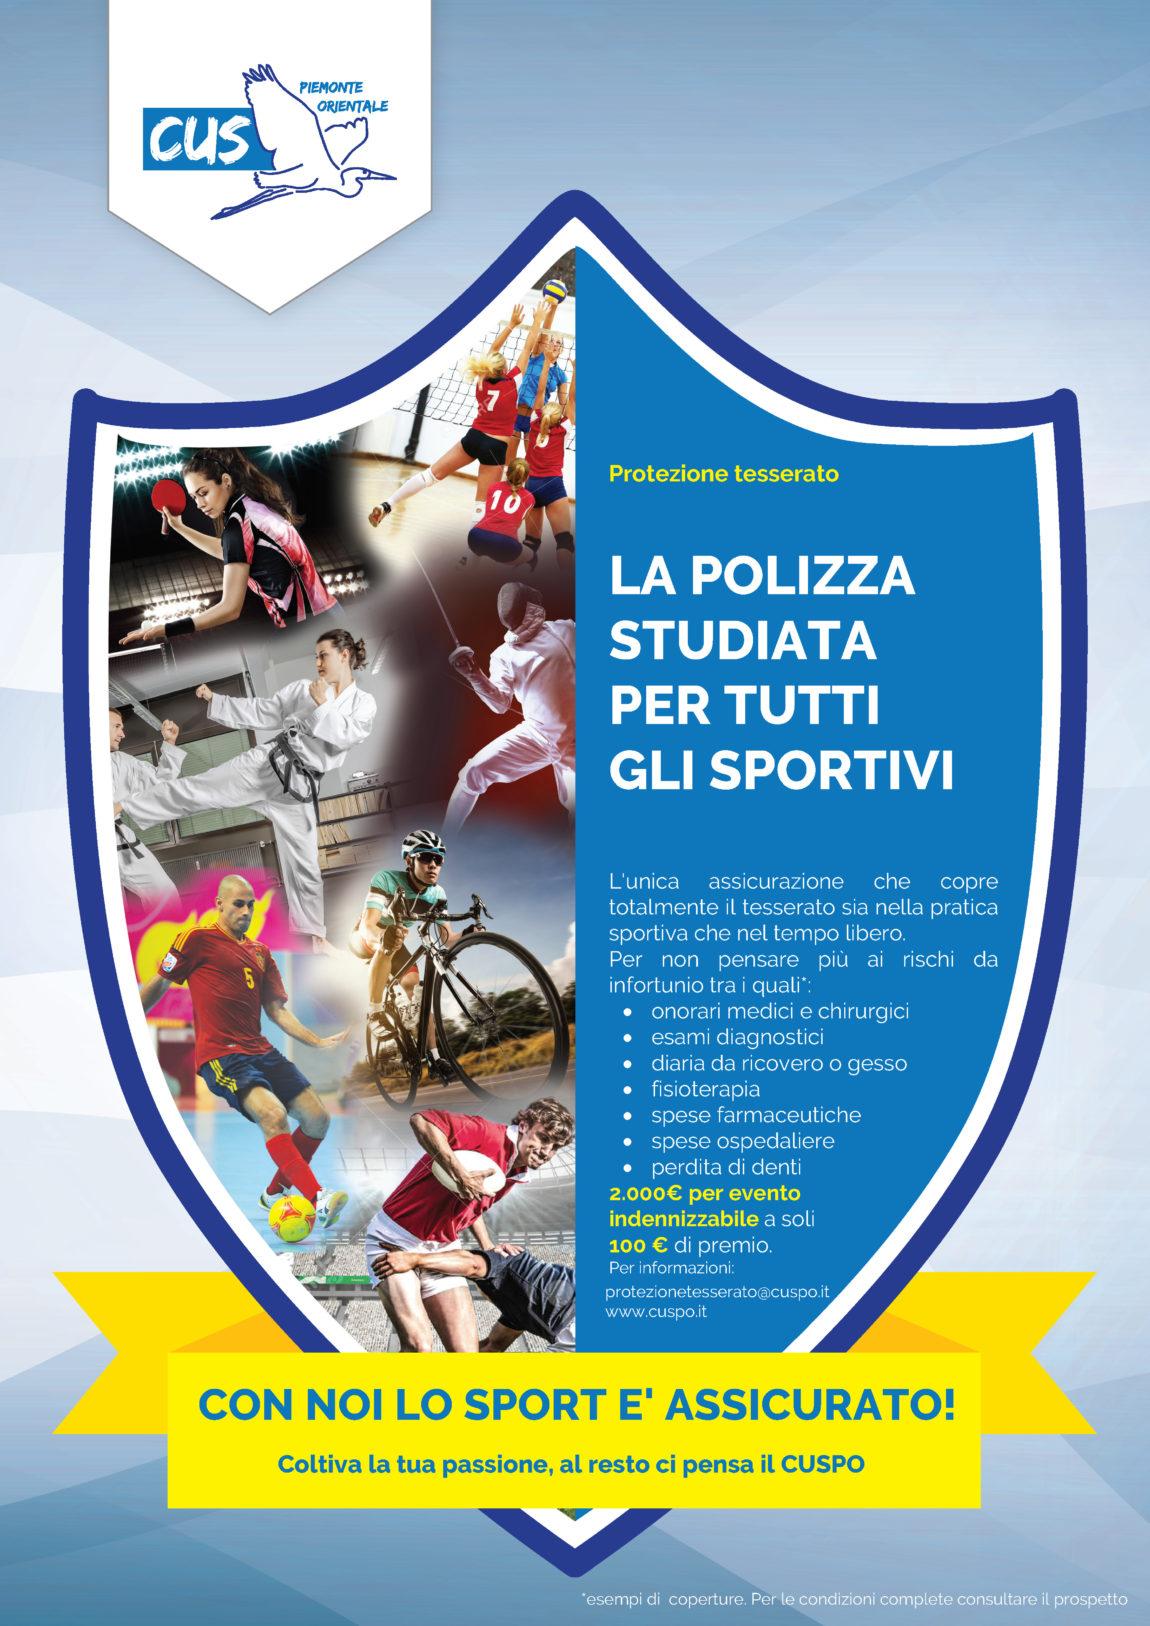 Protezione Tesserato: lo sport ed il tempo libero sono assicurati!